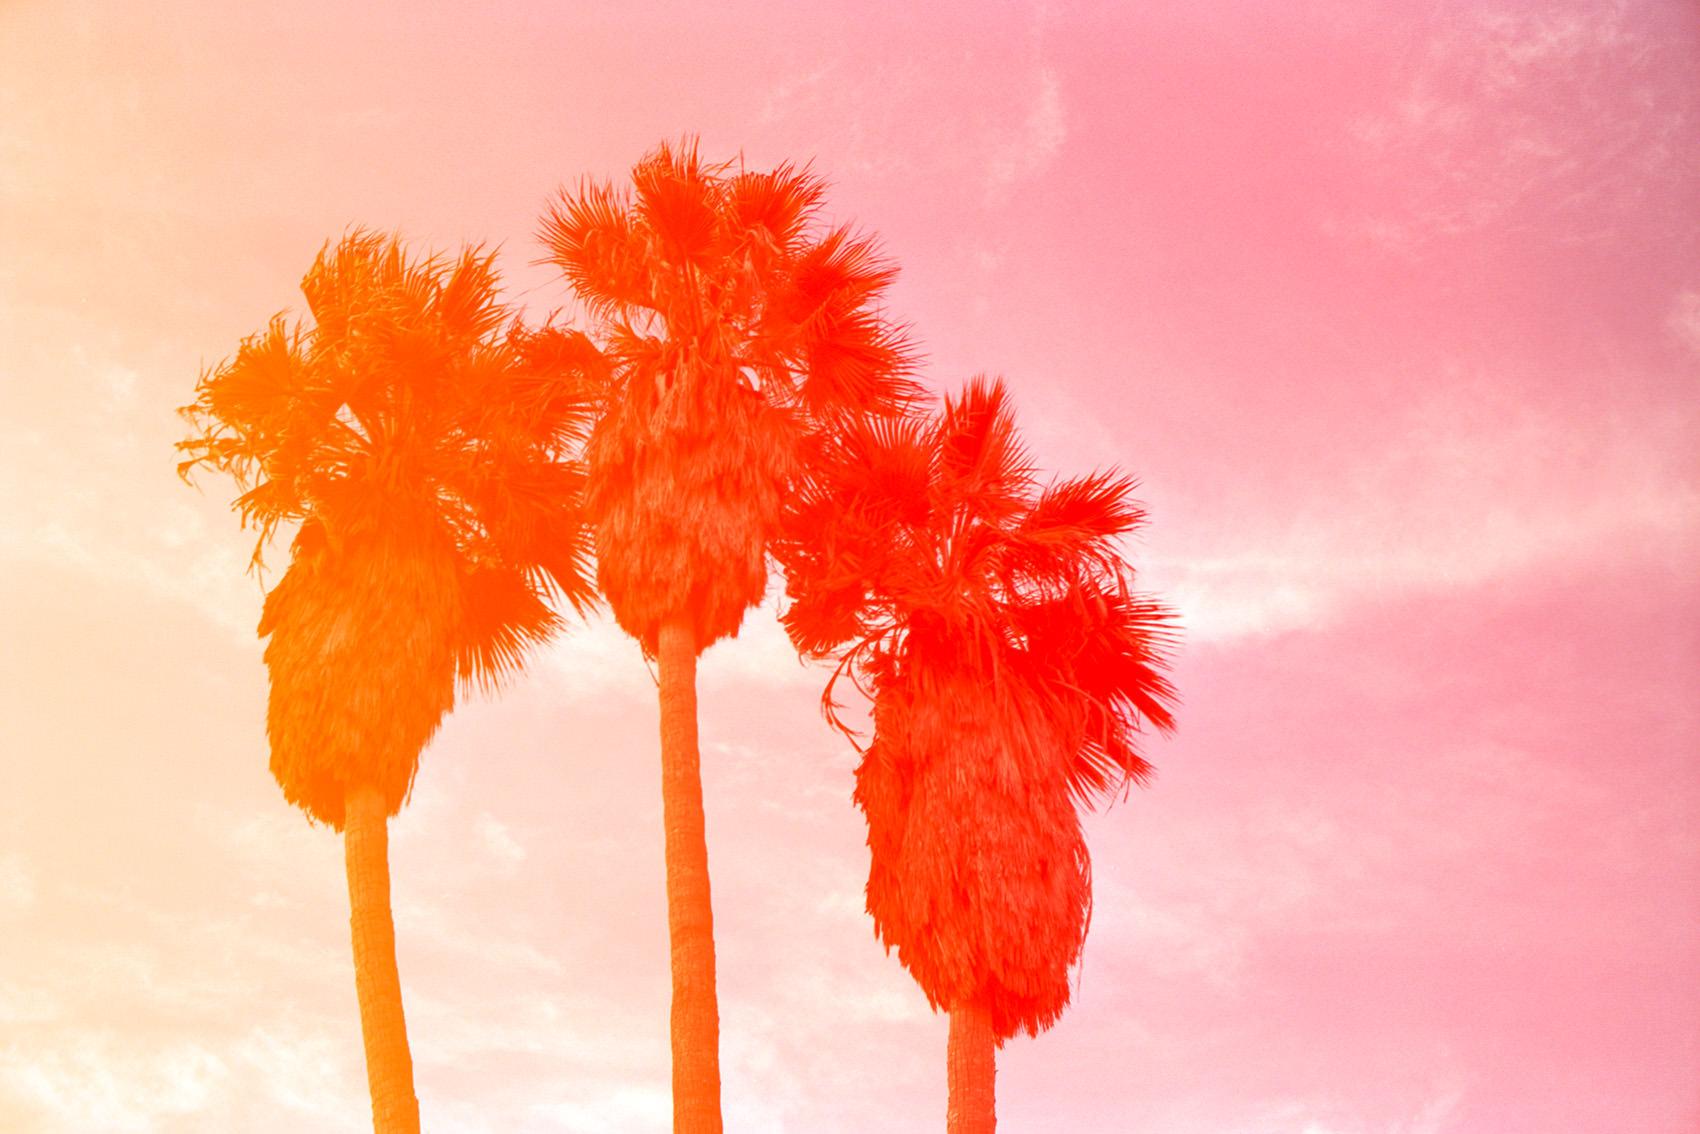 109_31-II-florian-lierzer-Palmen-Venice-Beach-California-USA1